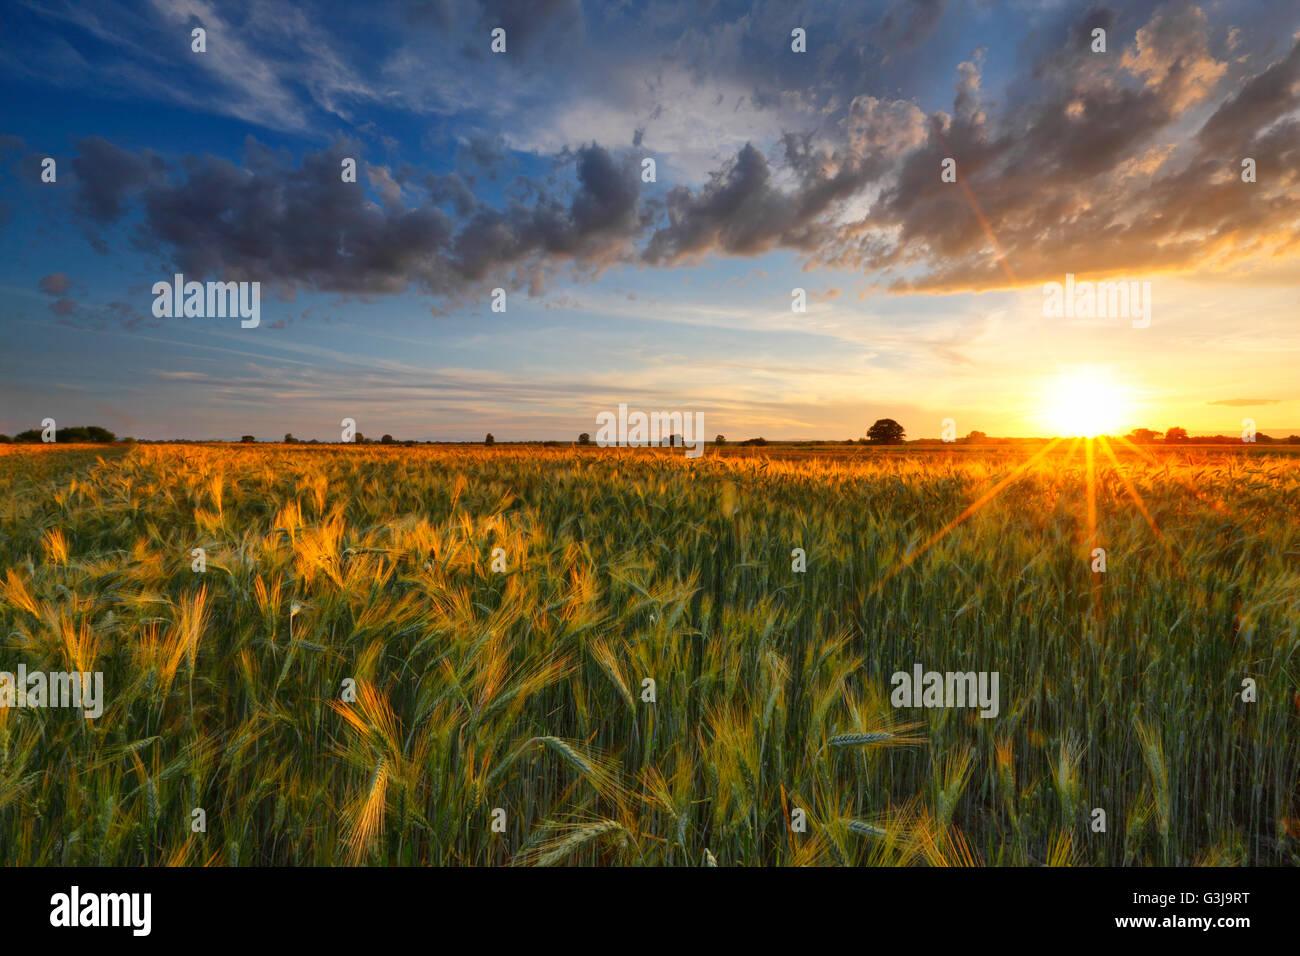 Champ de blé au coucher du soleil et nuages Photo Stock